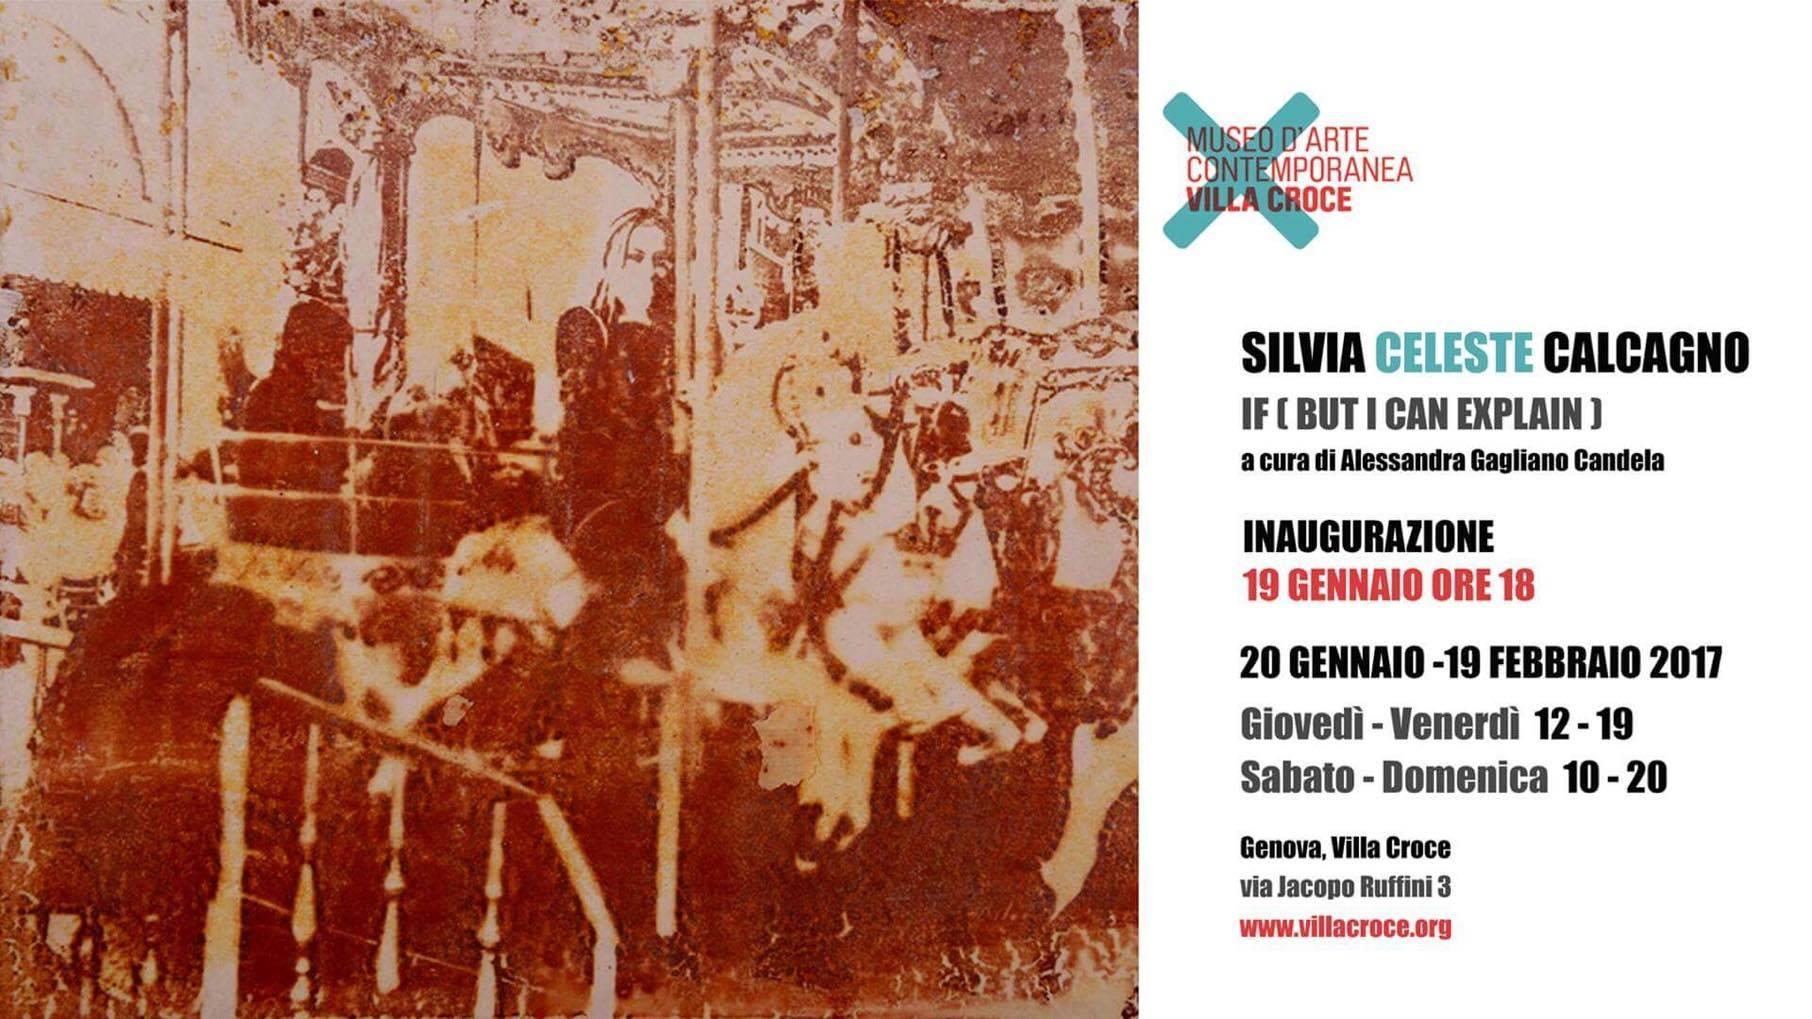 Silvia Celeste Calcagno. If (but I can explain)